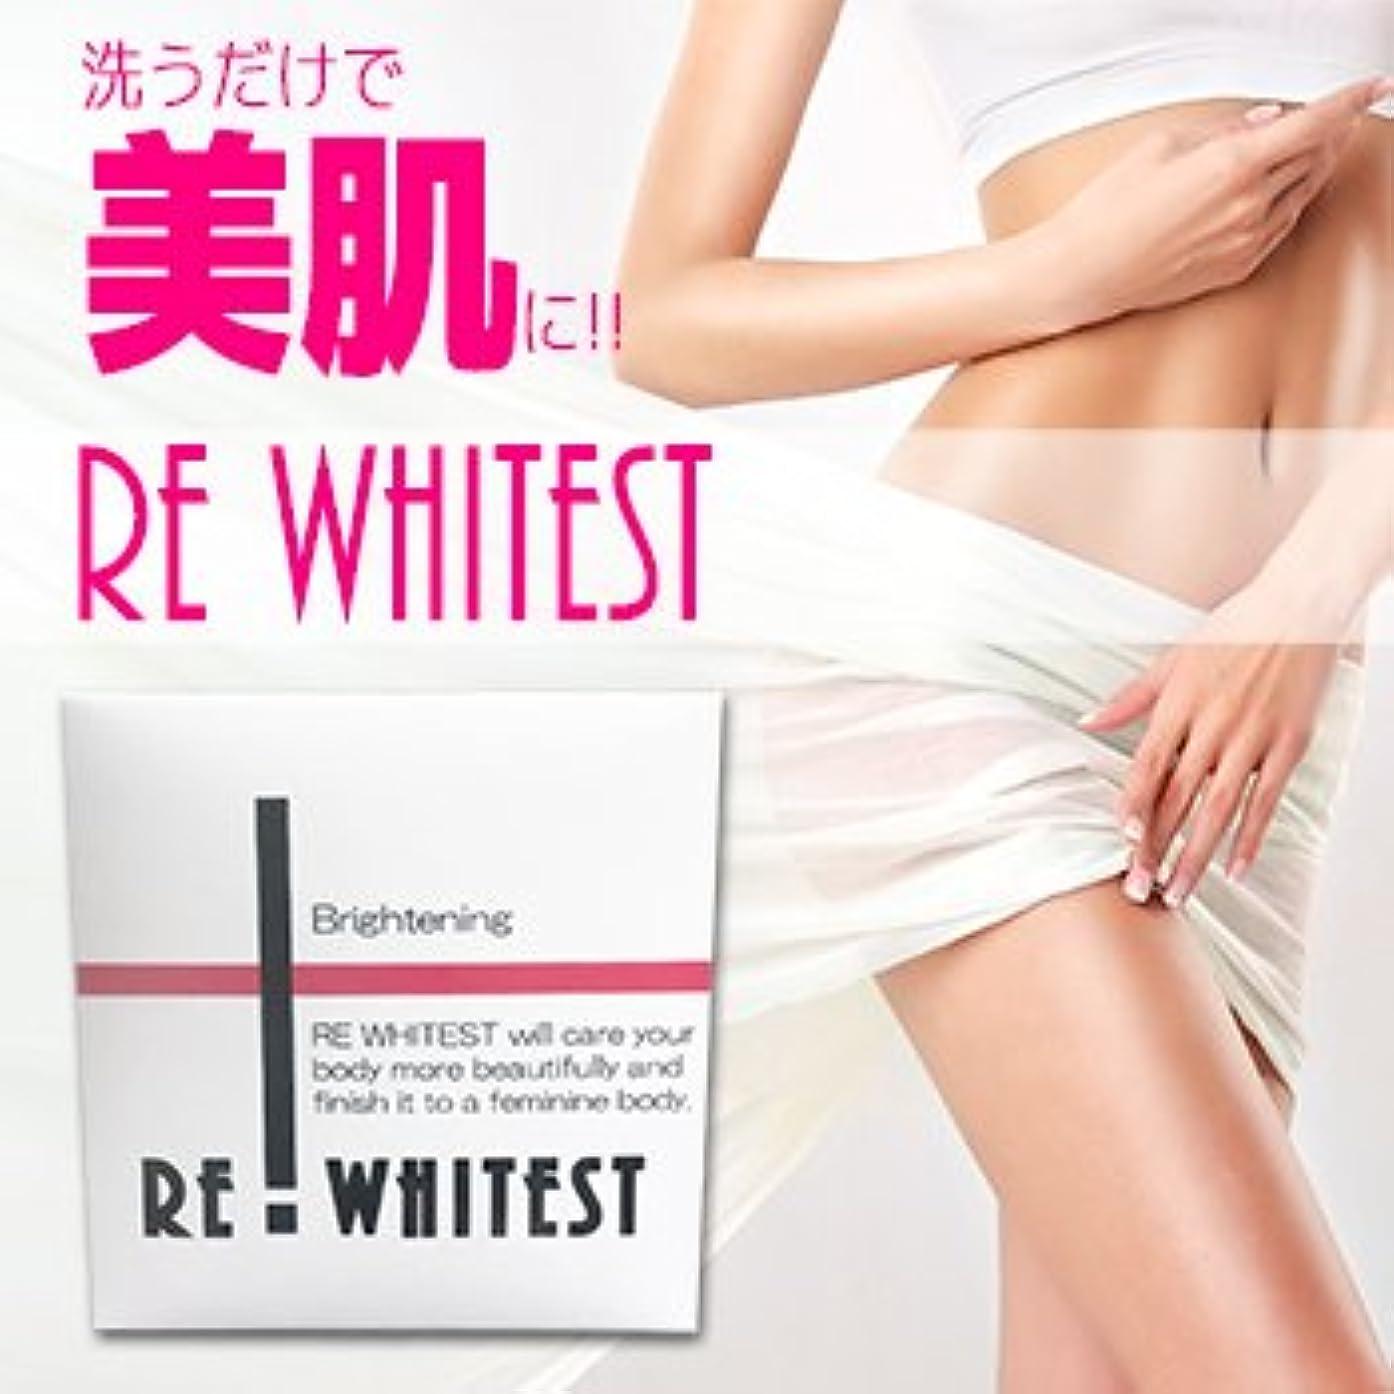 勝者頬骨腸パパイン+イソフラボン配合女性用美肌石鹸 REWHITEST-リホワイテスト-